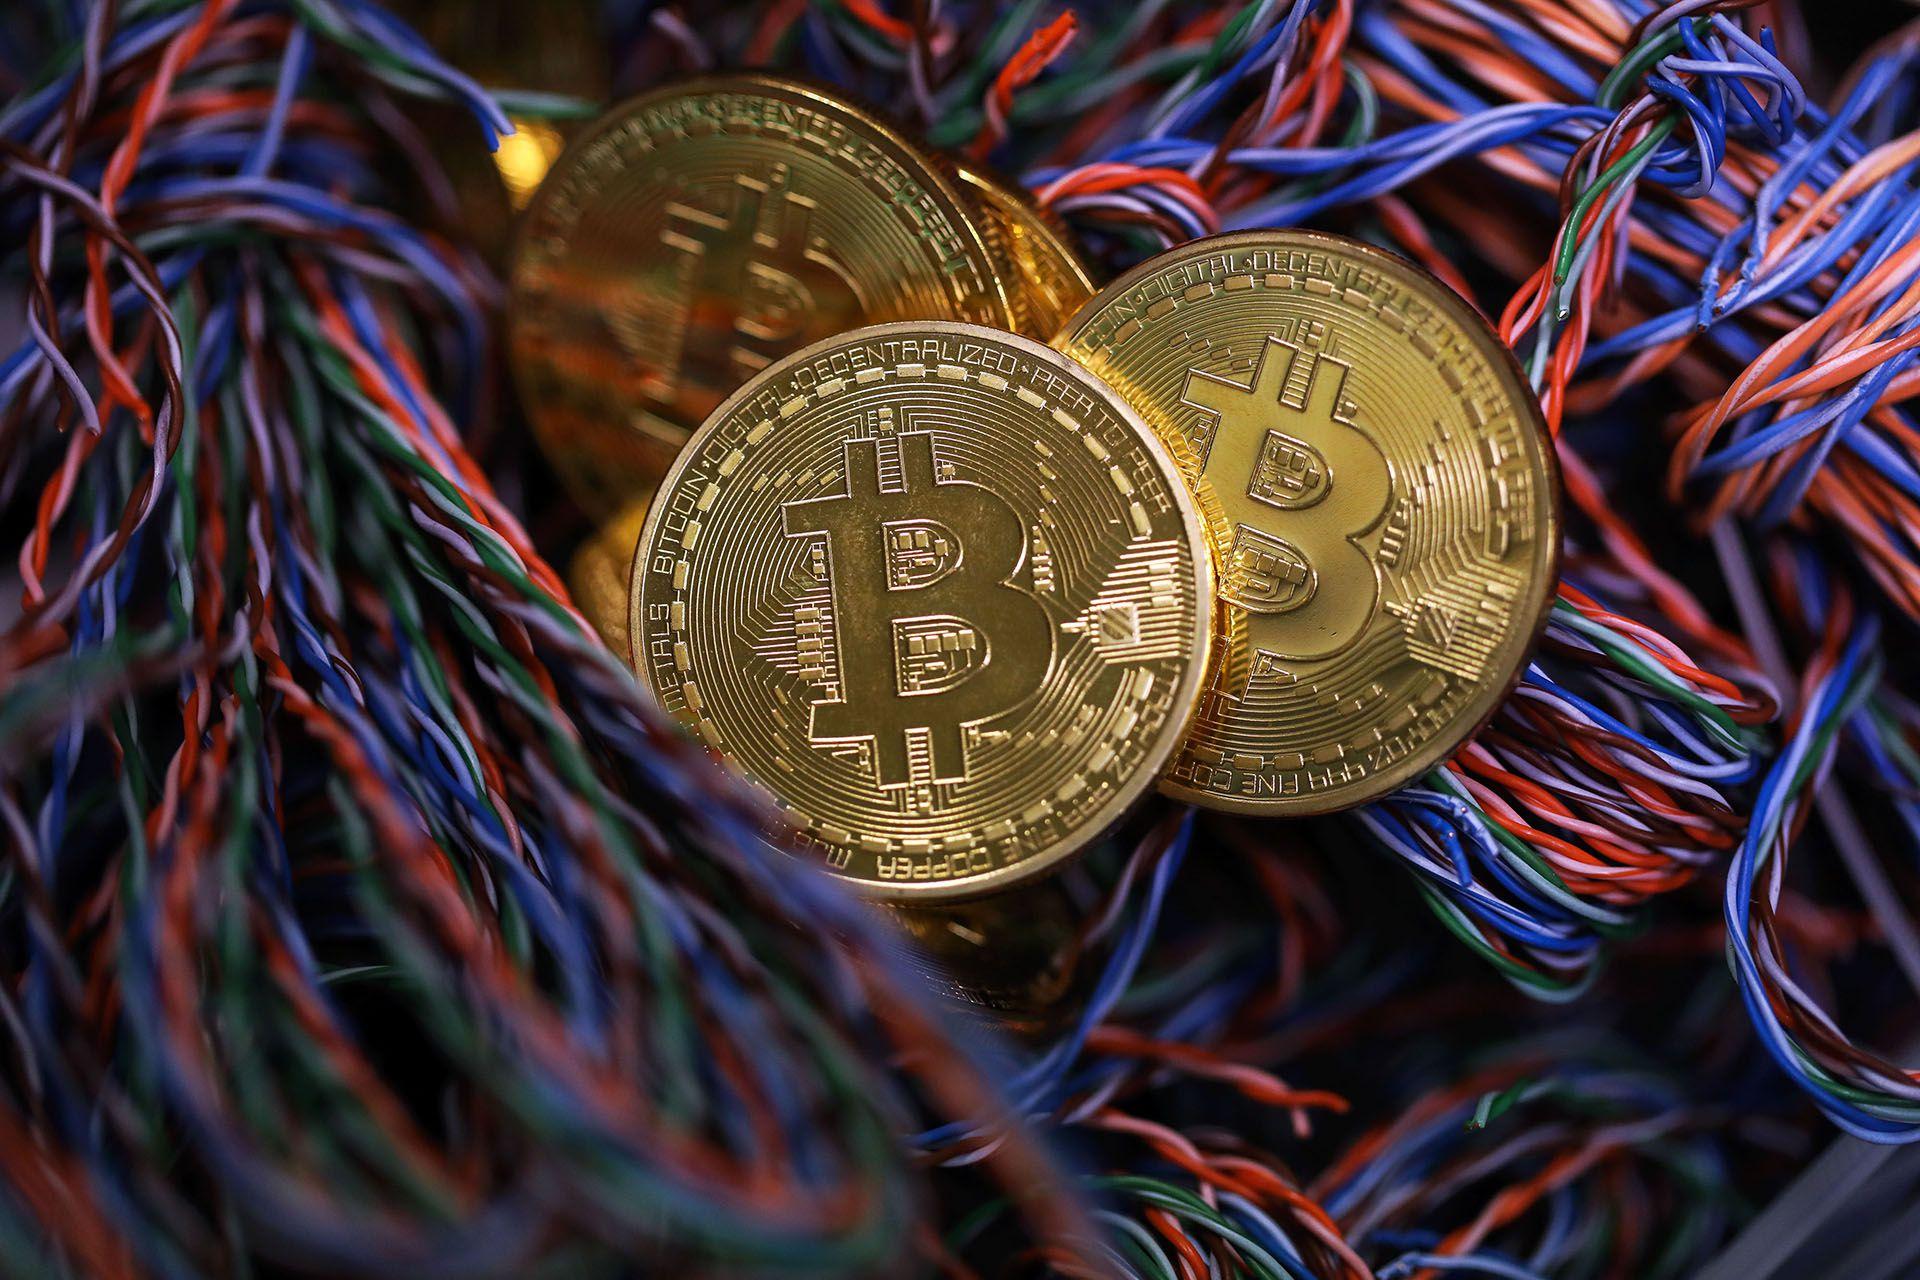 La cotización del Bitcoin, más allá de unos vaivenes, sigue creciendo (Chris Ratcliffe/Bloomberg)